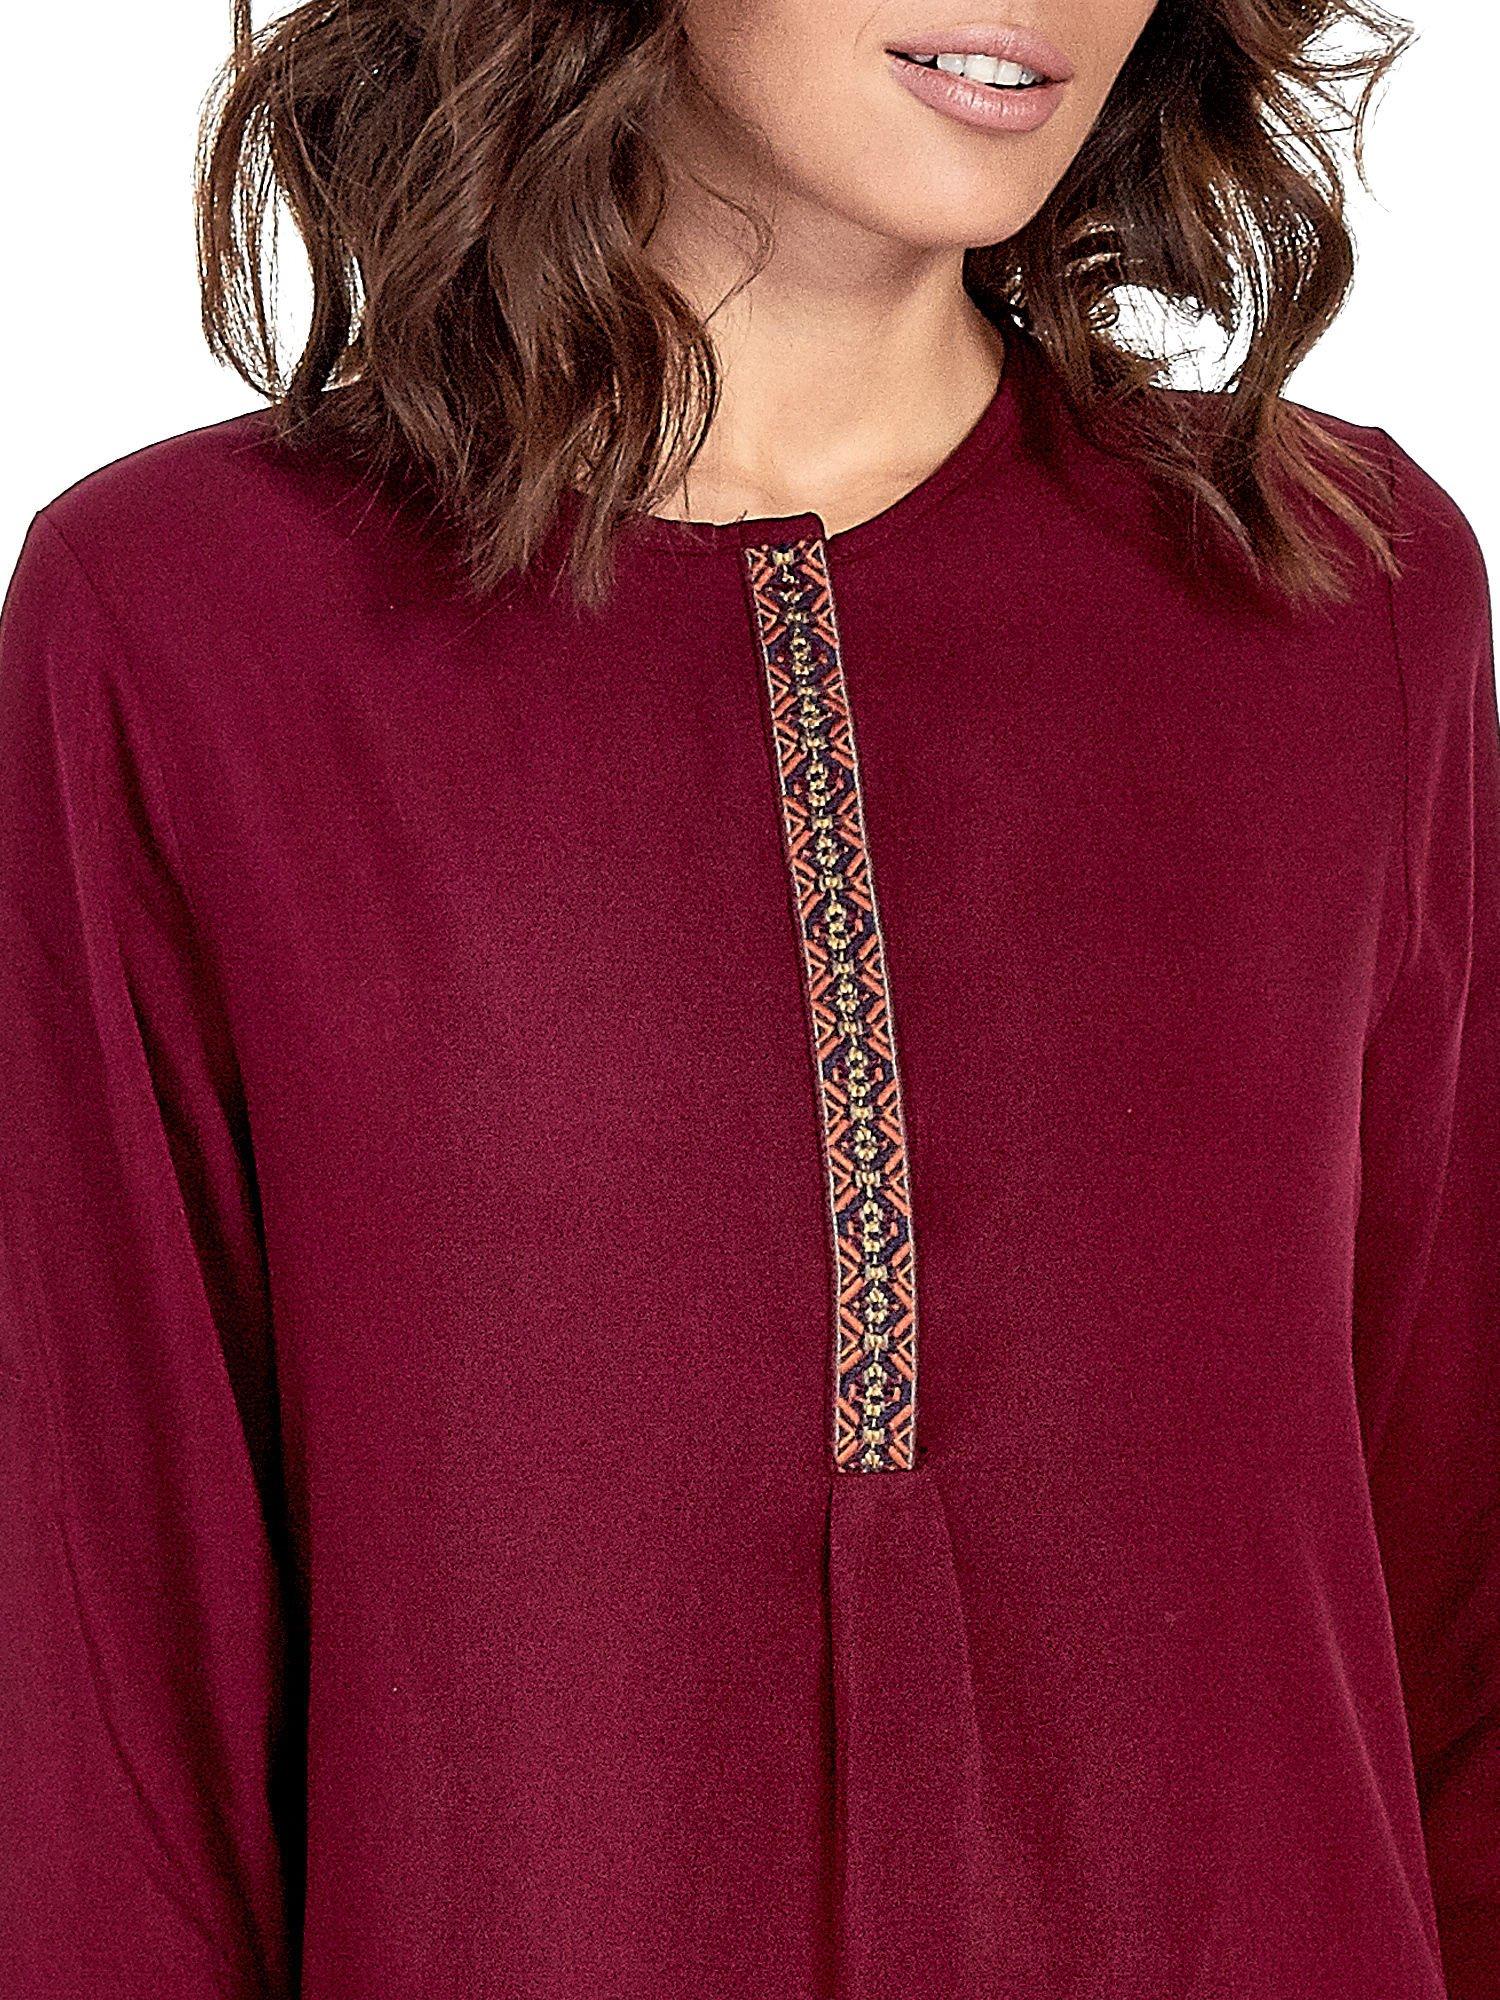 Bordowa koszula ze wzorzystą wstawką w stylu etno                                  zdj.                                  6